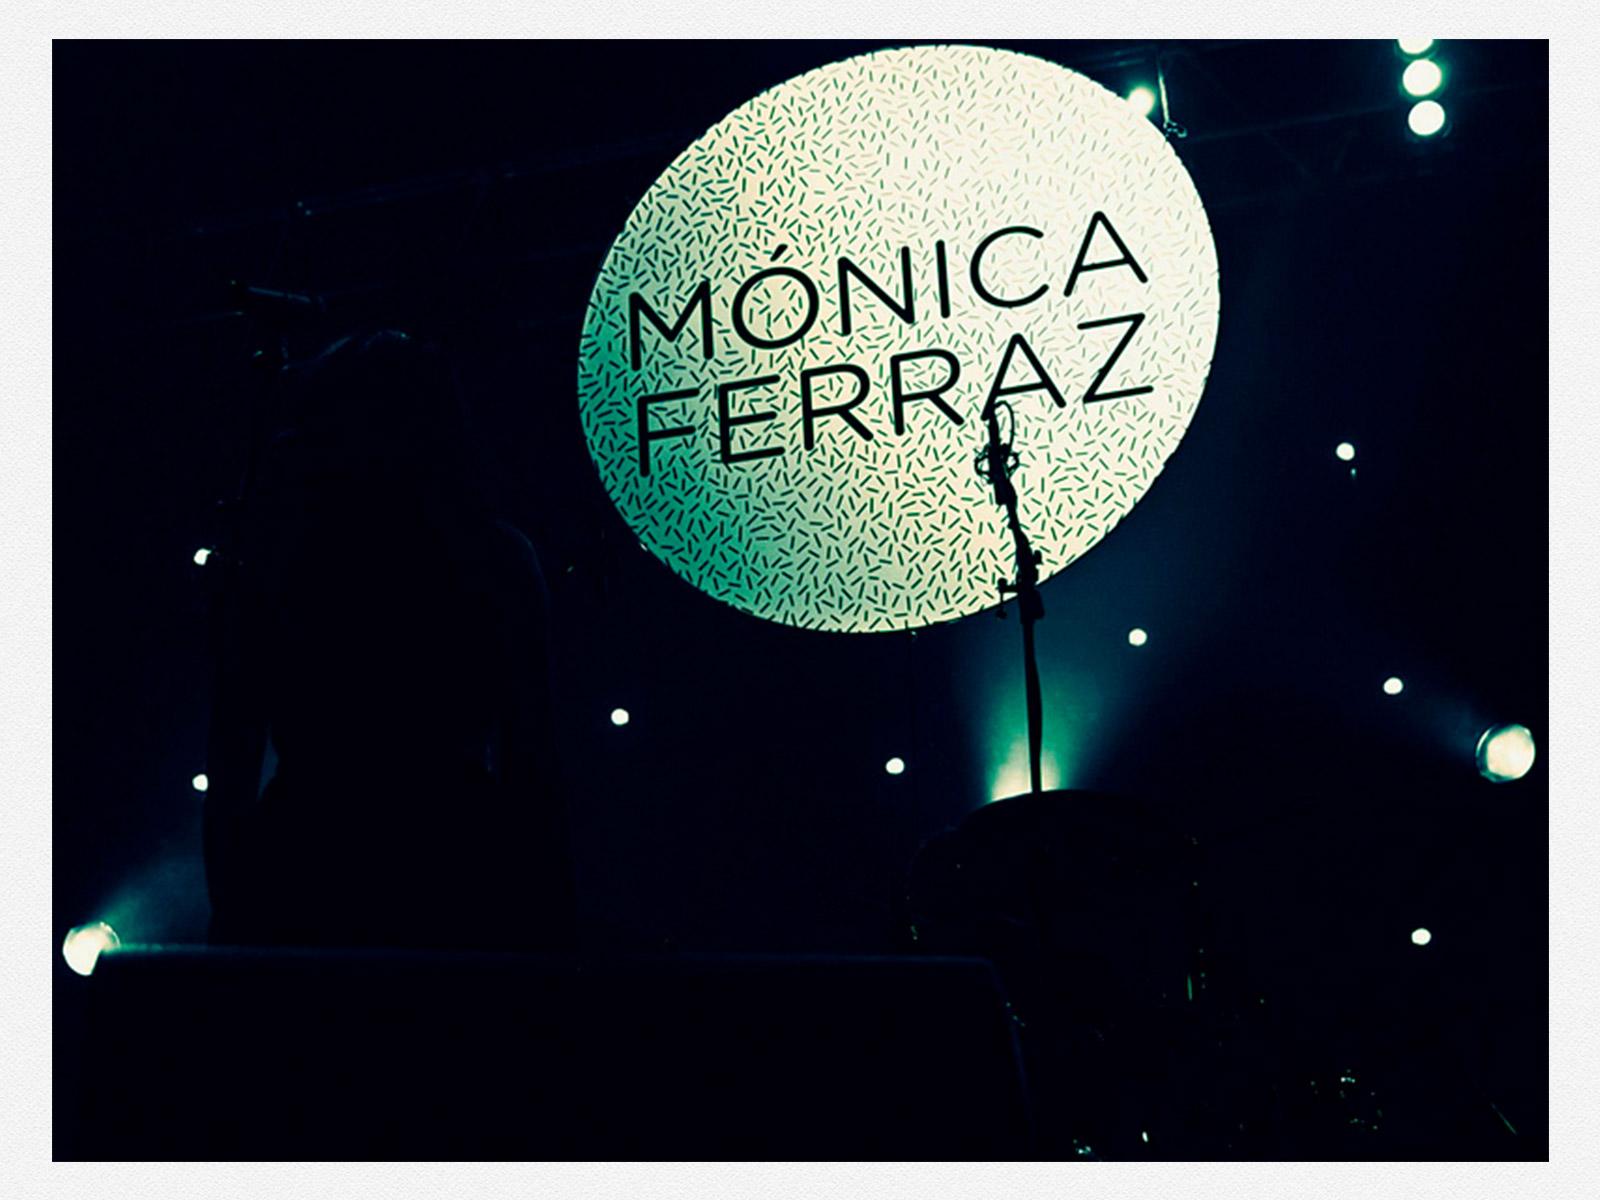 MÓNICA FERRAZ - 2